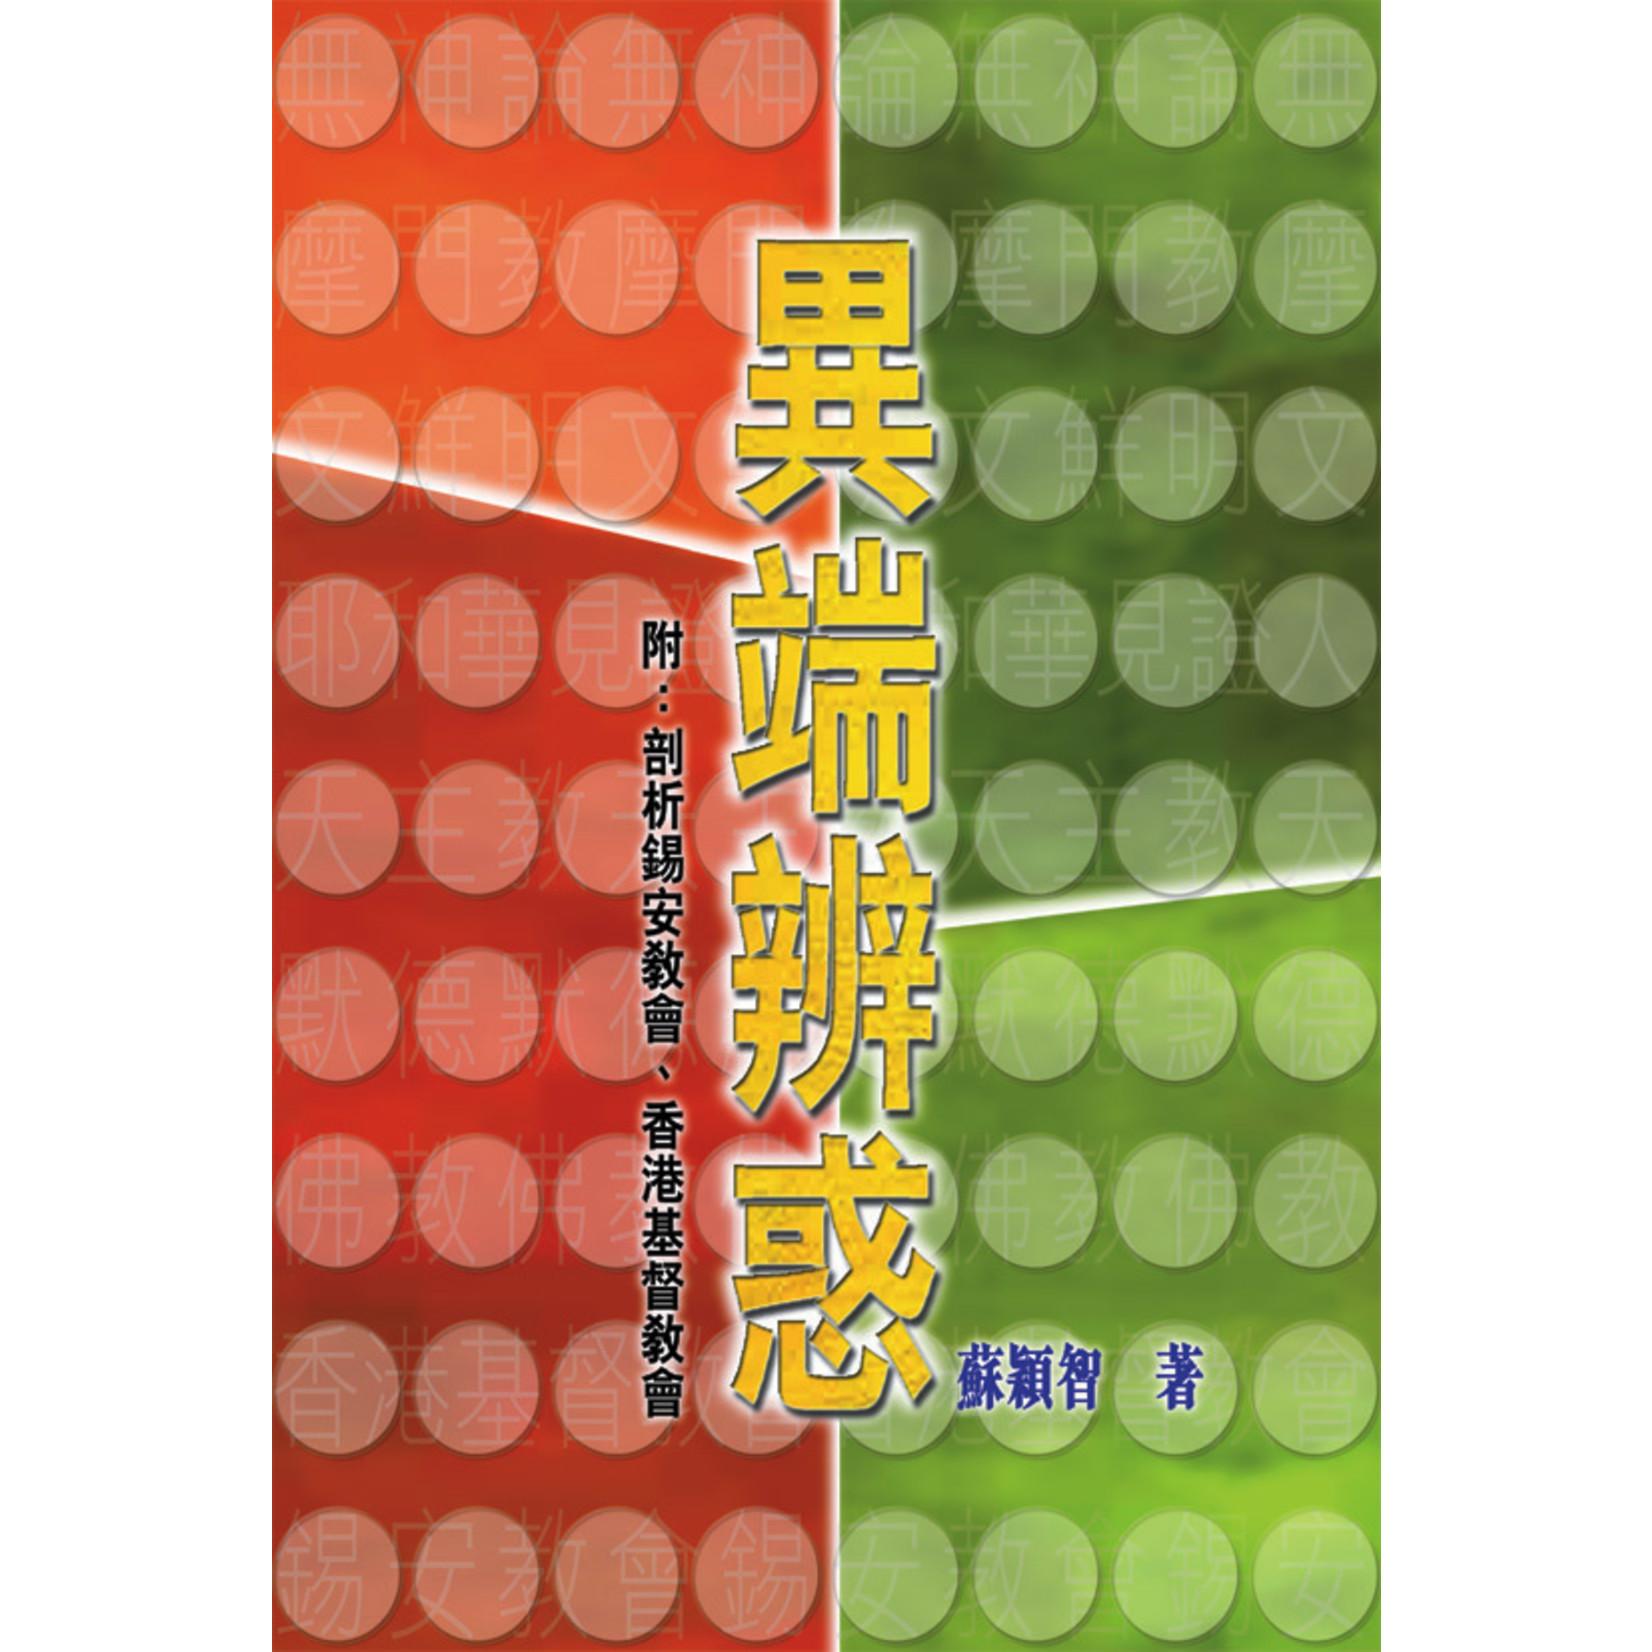 天道書樓 Tien Dao Publishing House 異端辨惑(附:剖析錫安教會、香港基督教會)